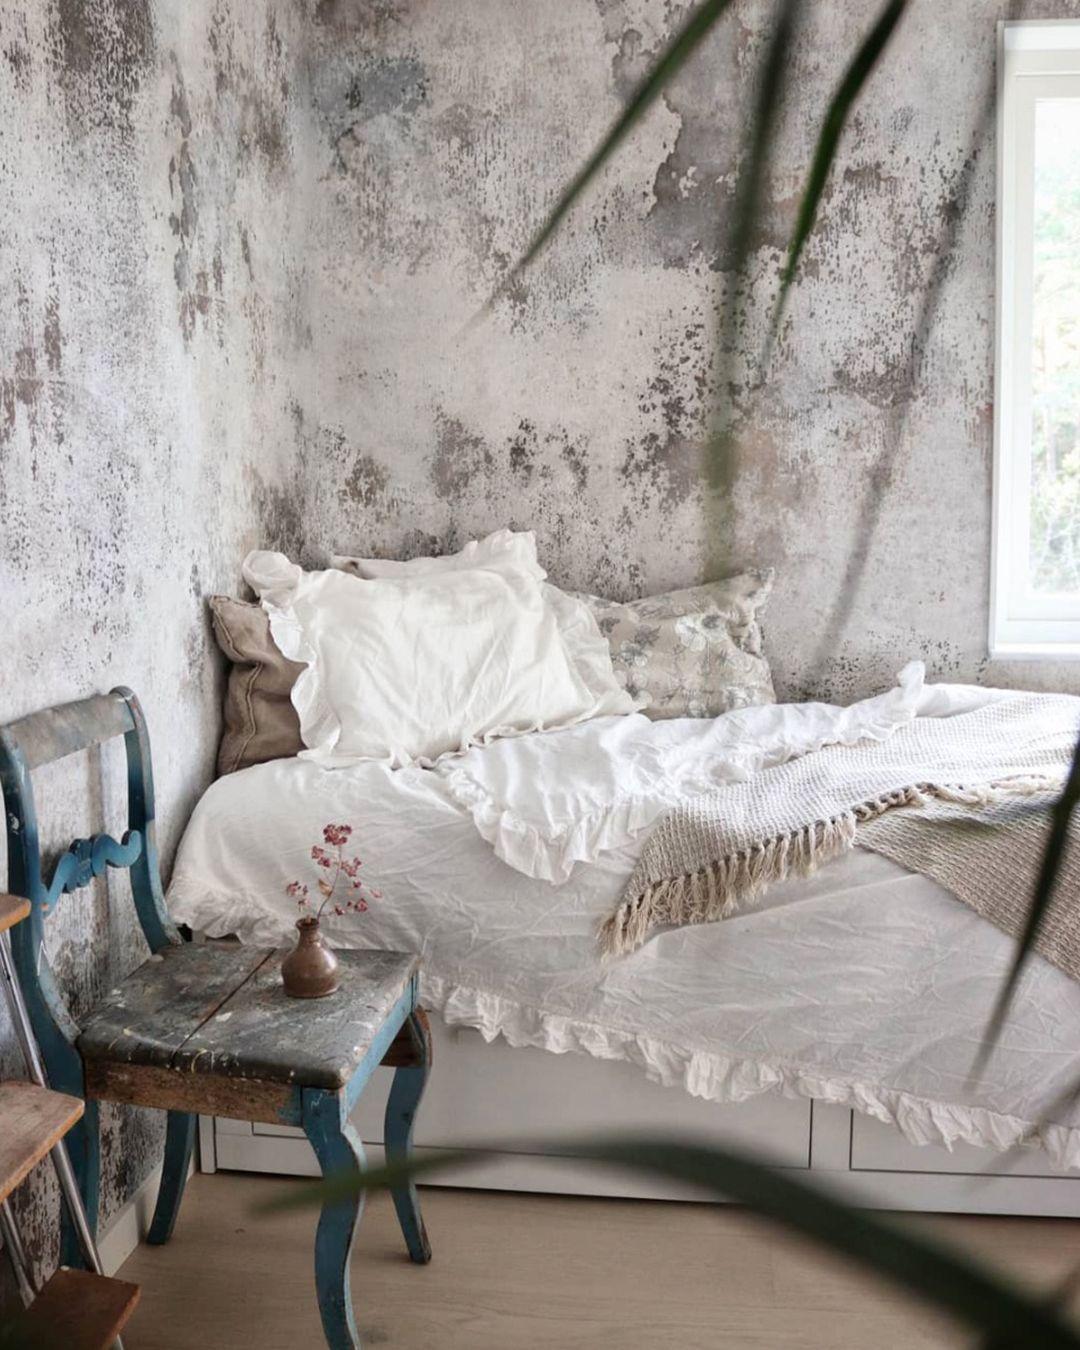 Tapete Schlafzimmer